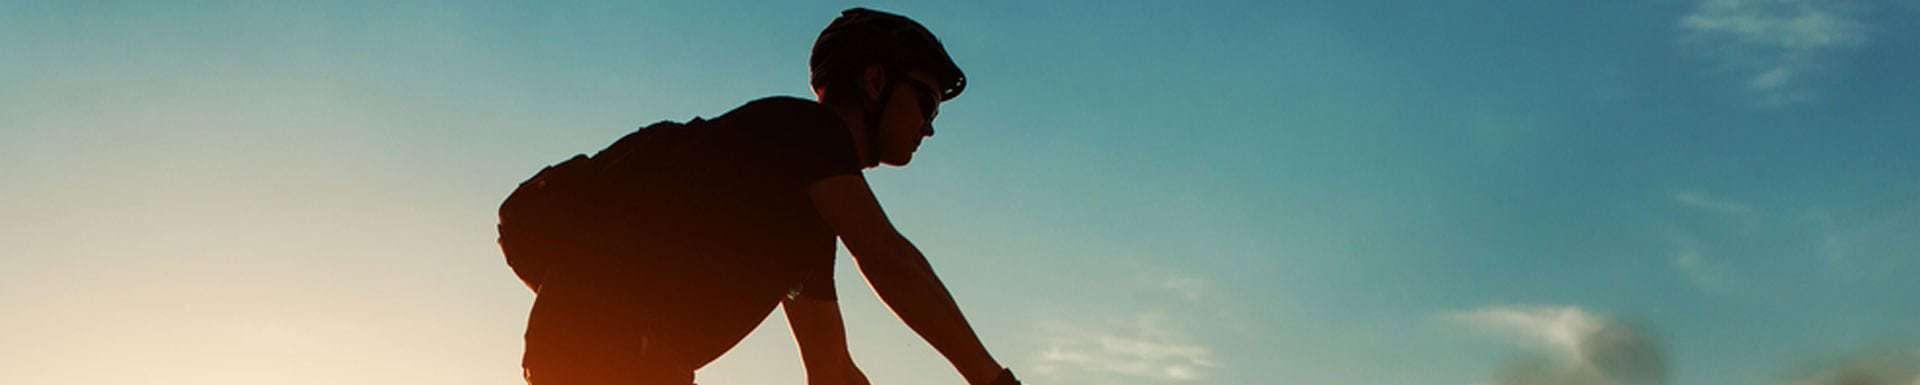 banner bike1920x385